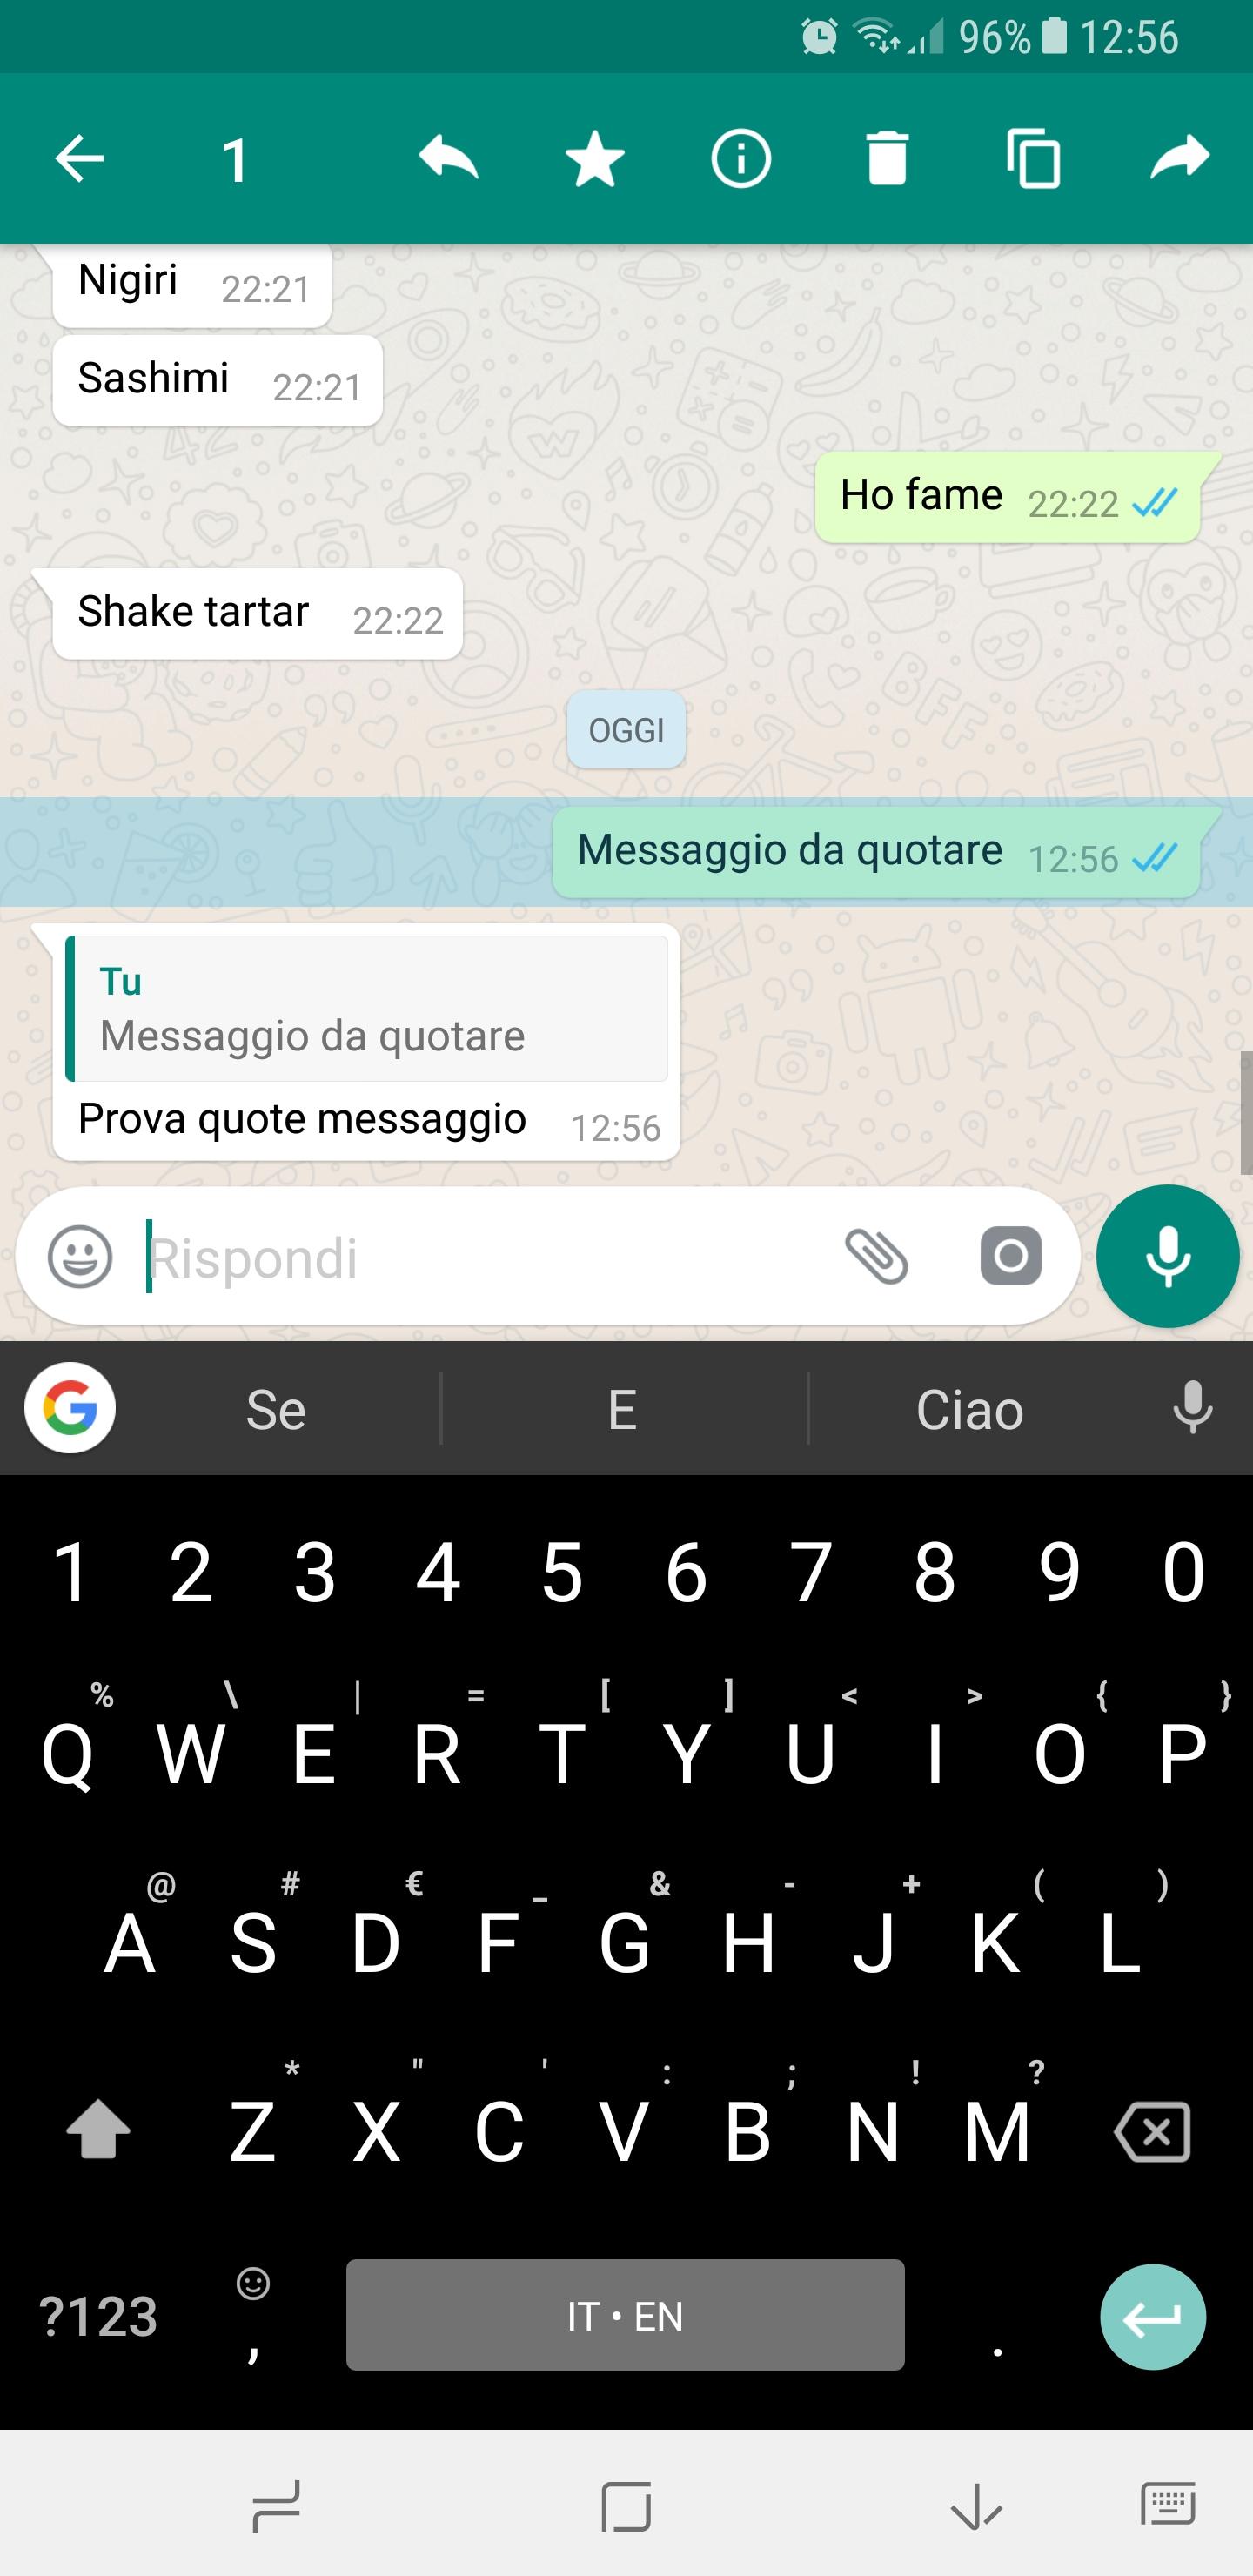 whatsapp messaggi citati non cancellati (2)